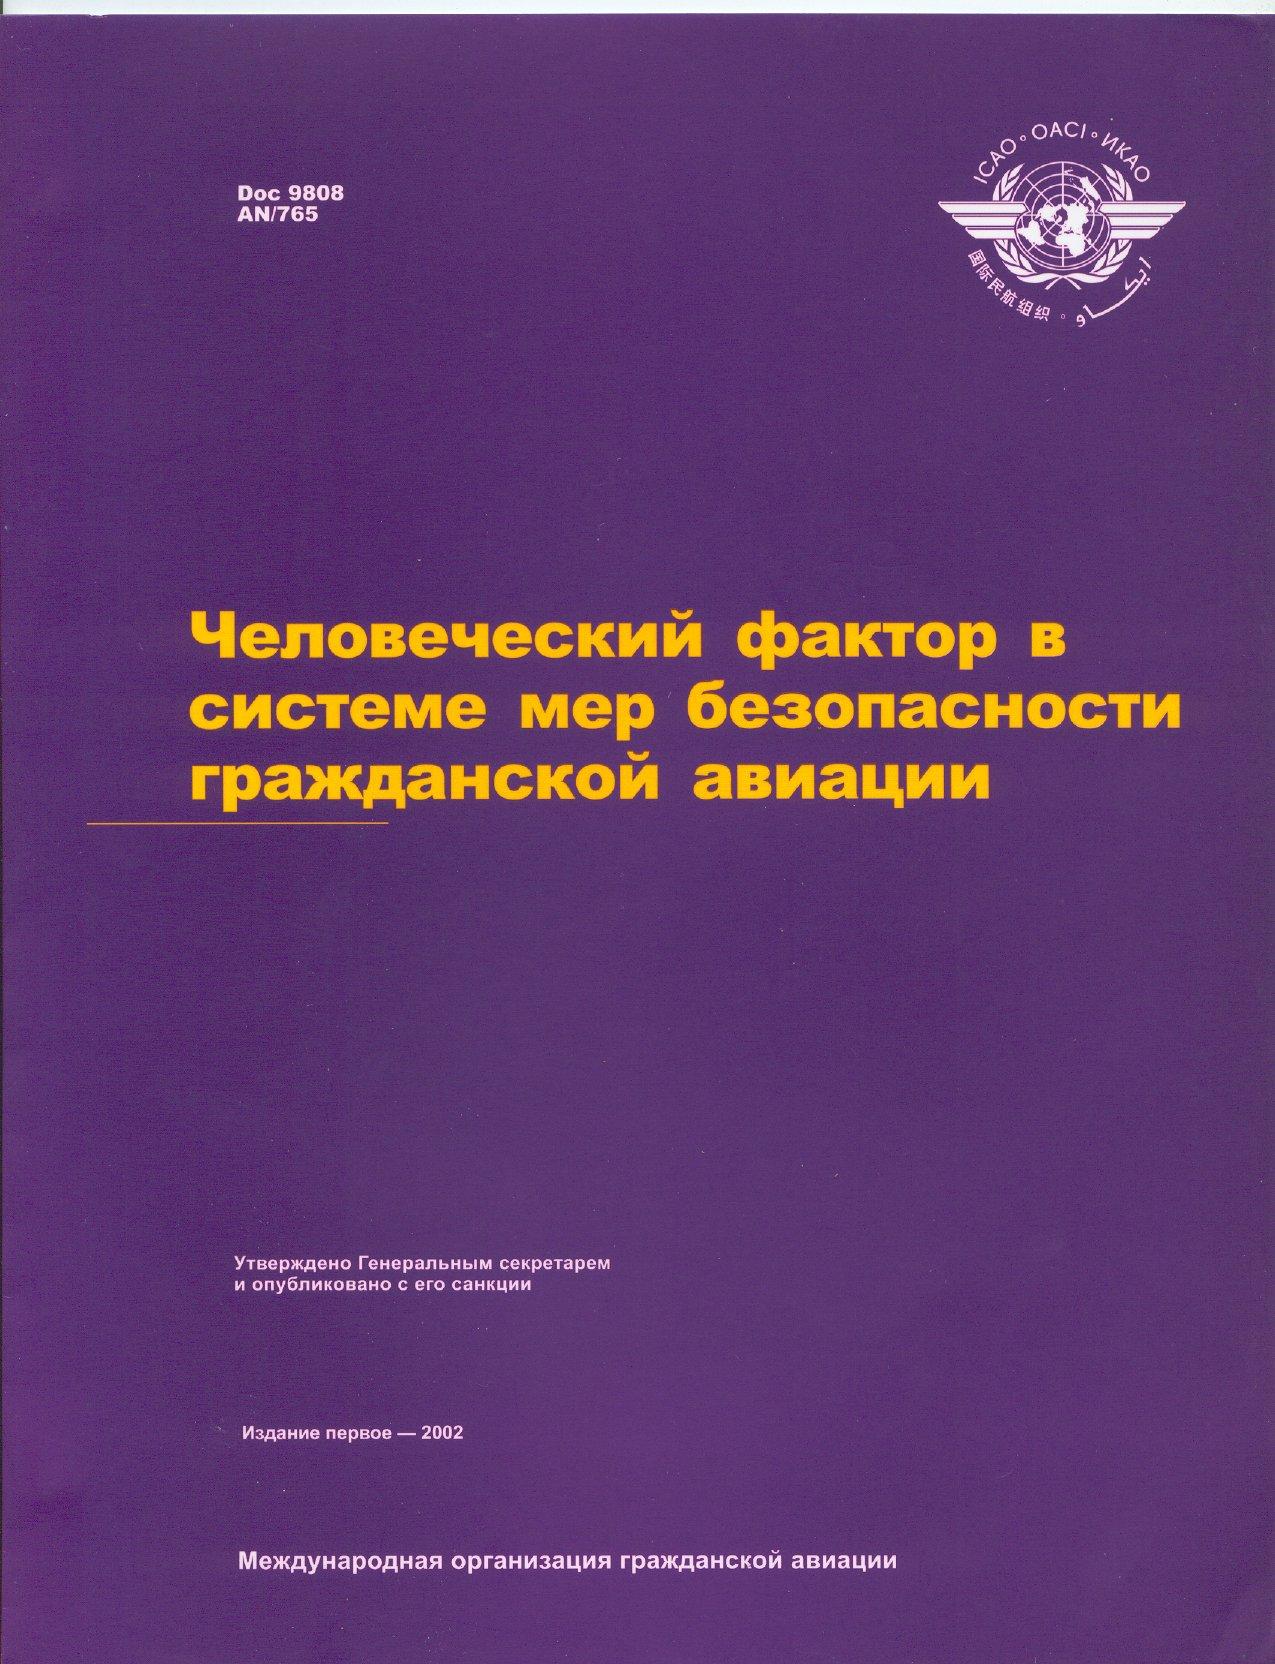 ICAO Doc 9808 Человеческий фактор в системе мер безопасности гражданской авиации